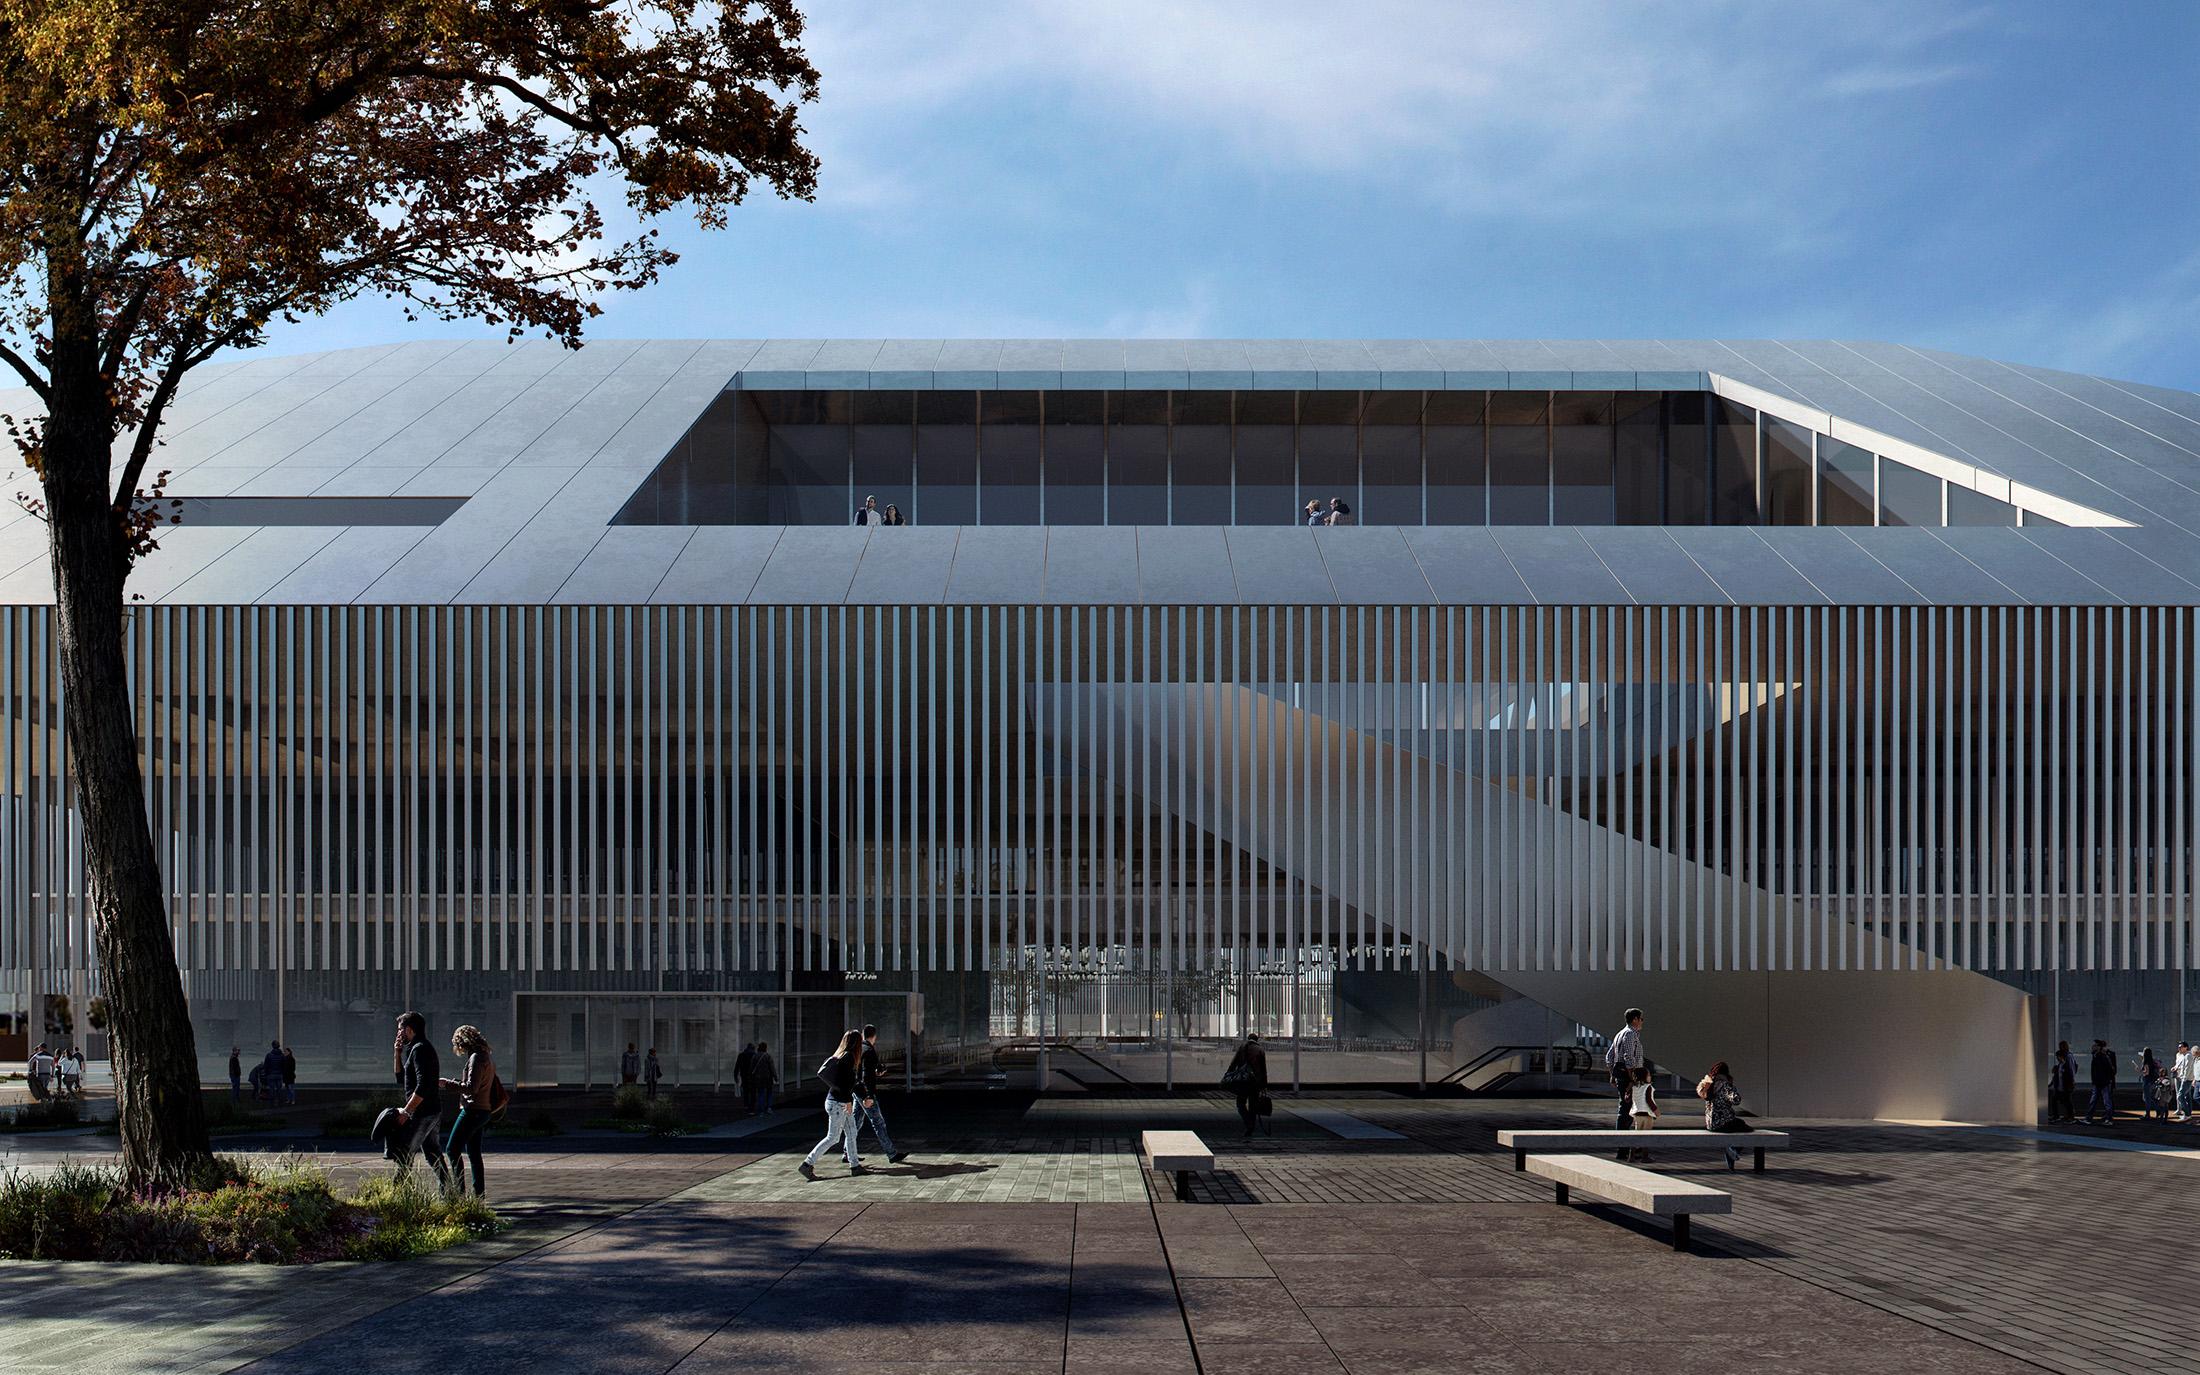 KAAN, Beursplein, Congresss & Exhibition Center, Belgium, 2017